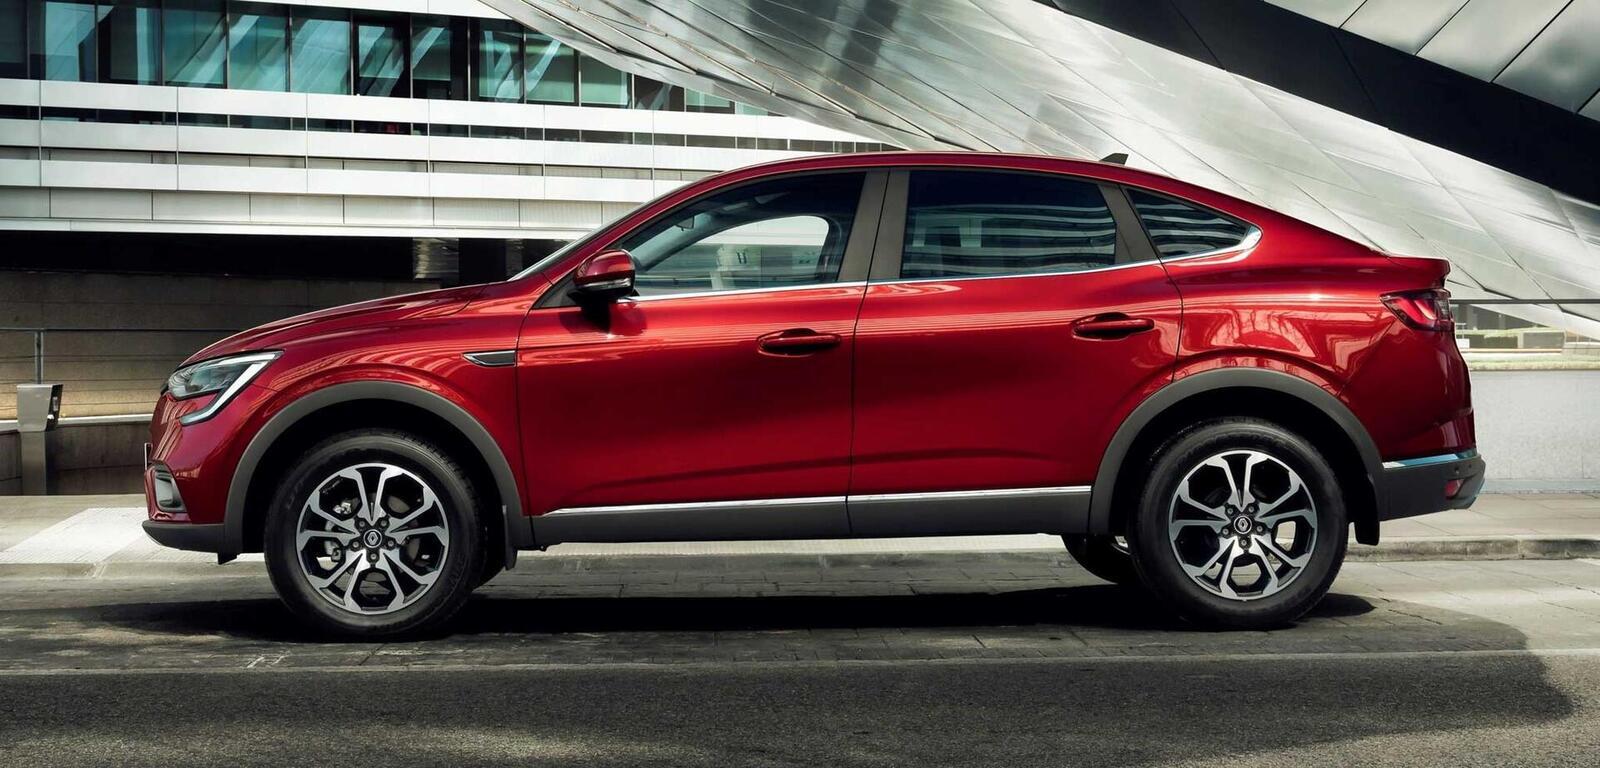 Renault giới thiệu Arkana mới: SUV Coupe mang thiết kế tương tự BMW X6 - Hình 6